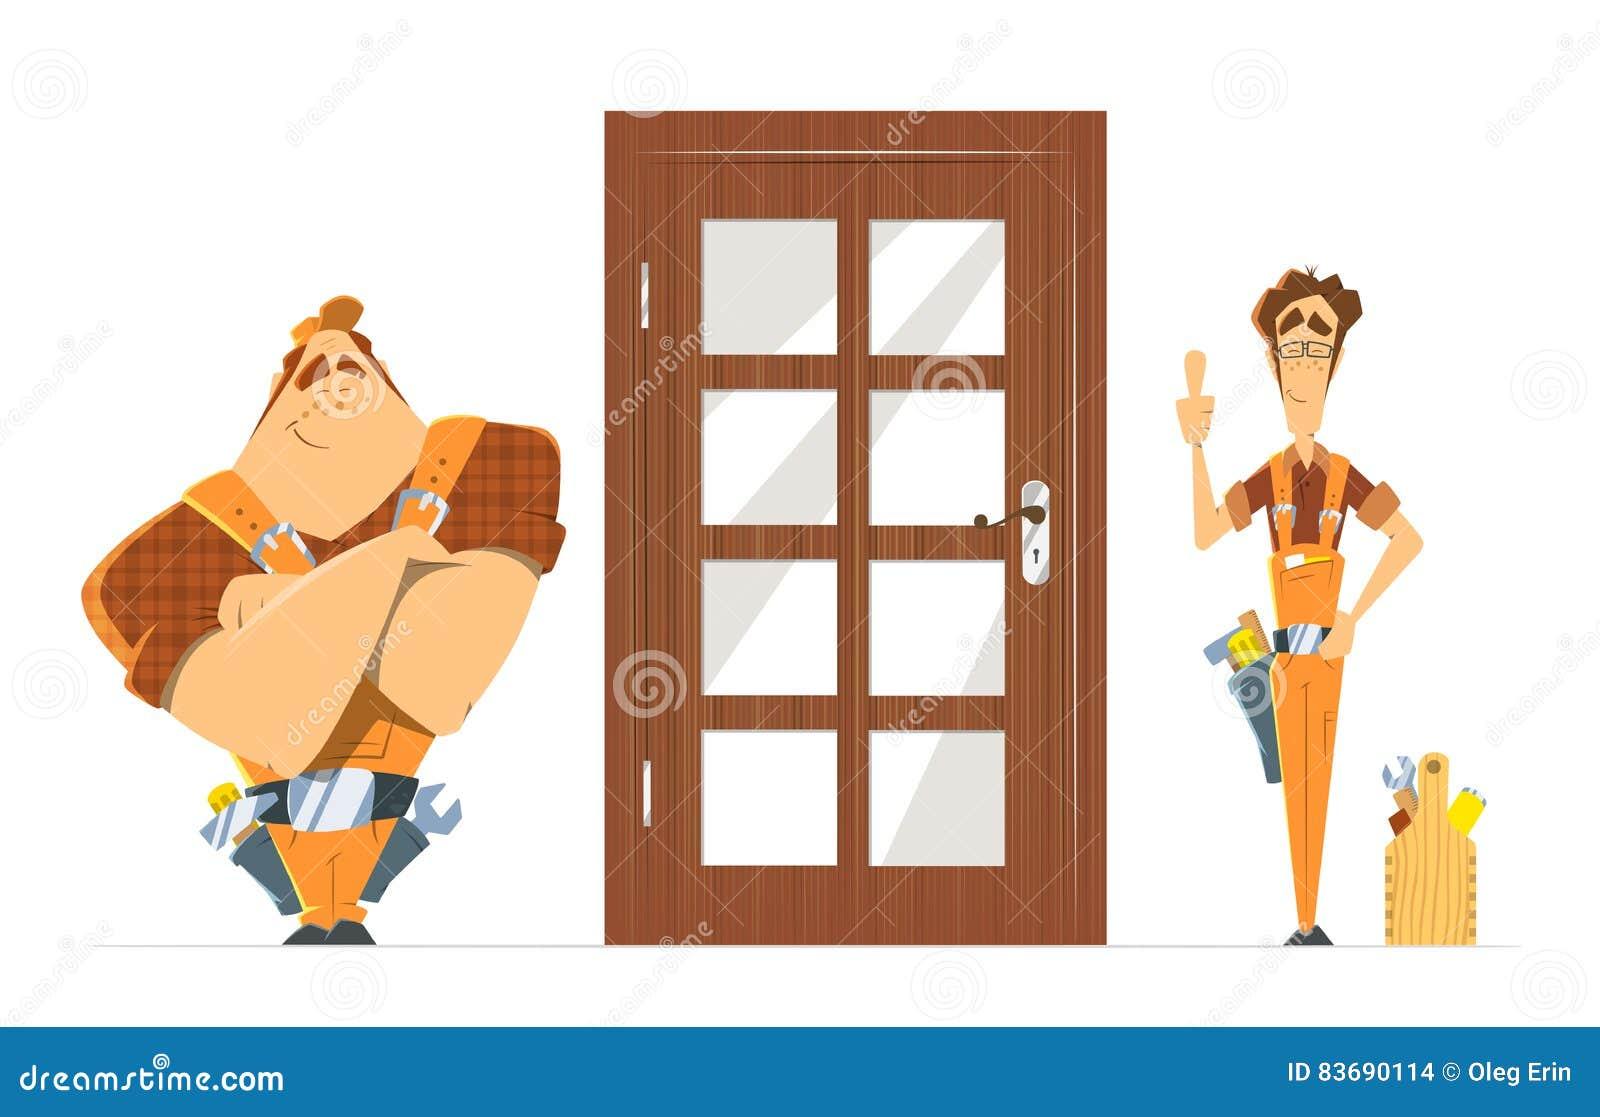 Joiner cartoons illustrations vector stock images 451 for Door unlock service